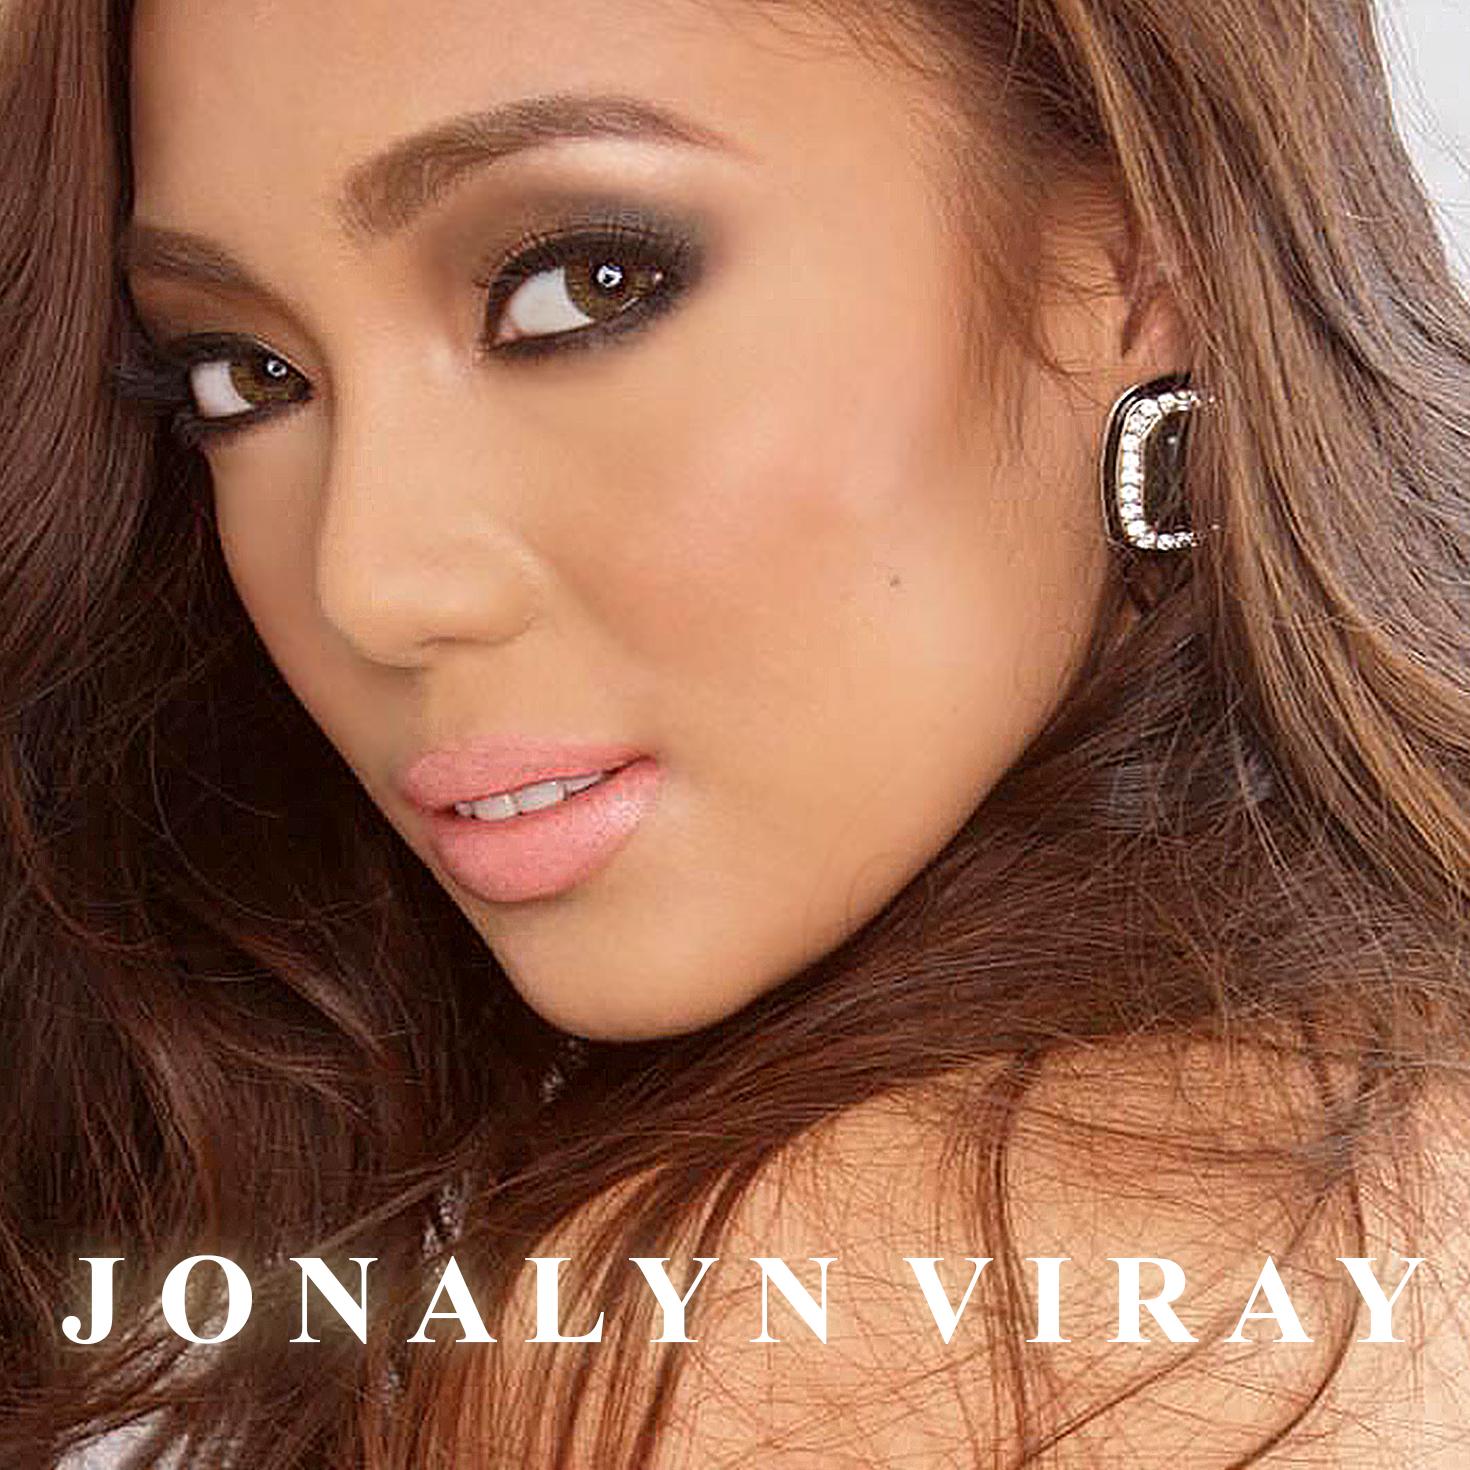 ユー・キープ・ミー・ブレスレス (You Keep Me Breathless) by ジョナリン・ヴィライ (Jonalyn Viray)